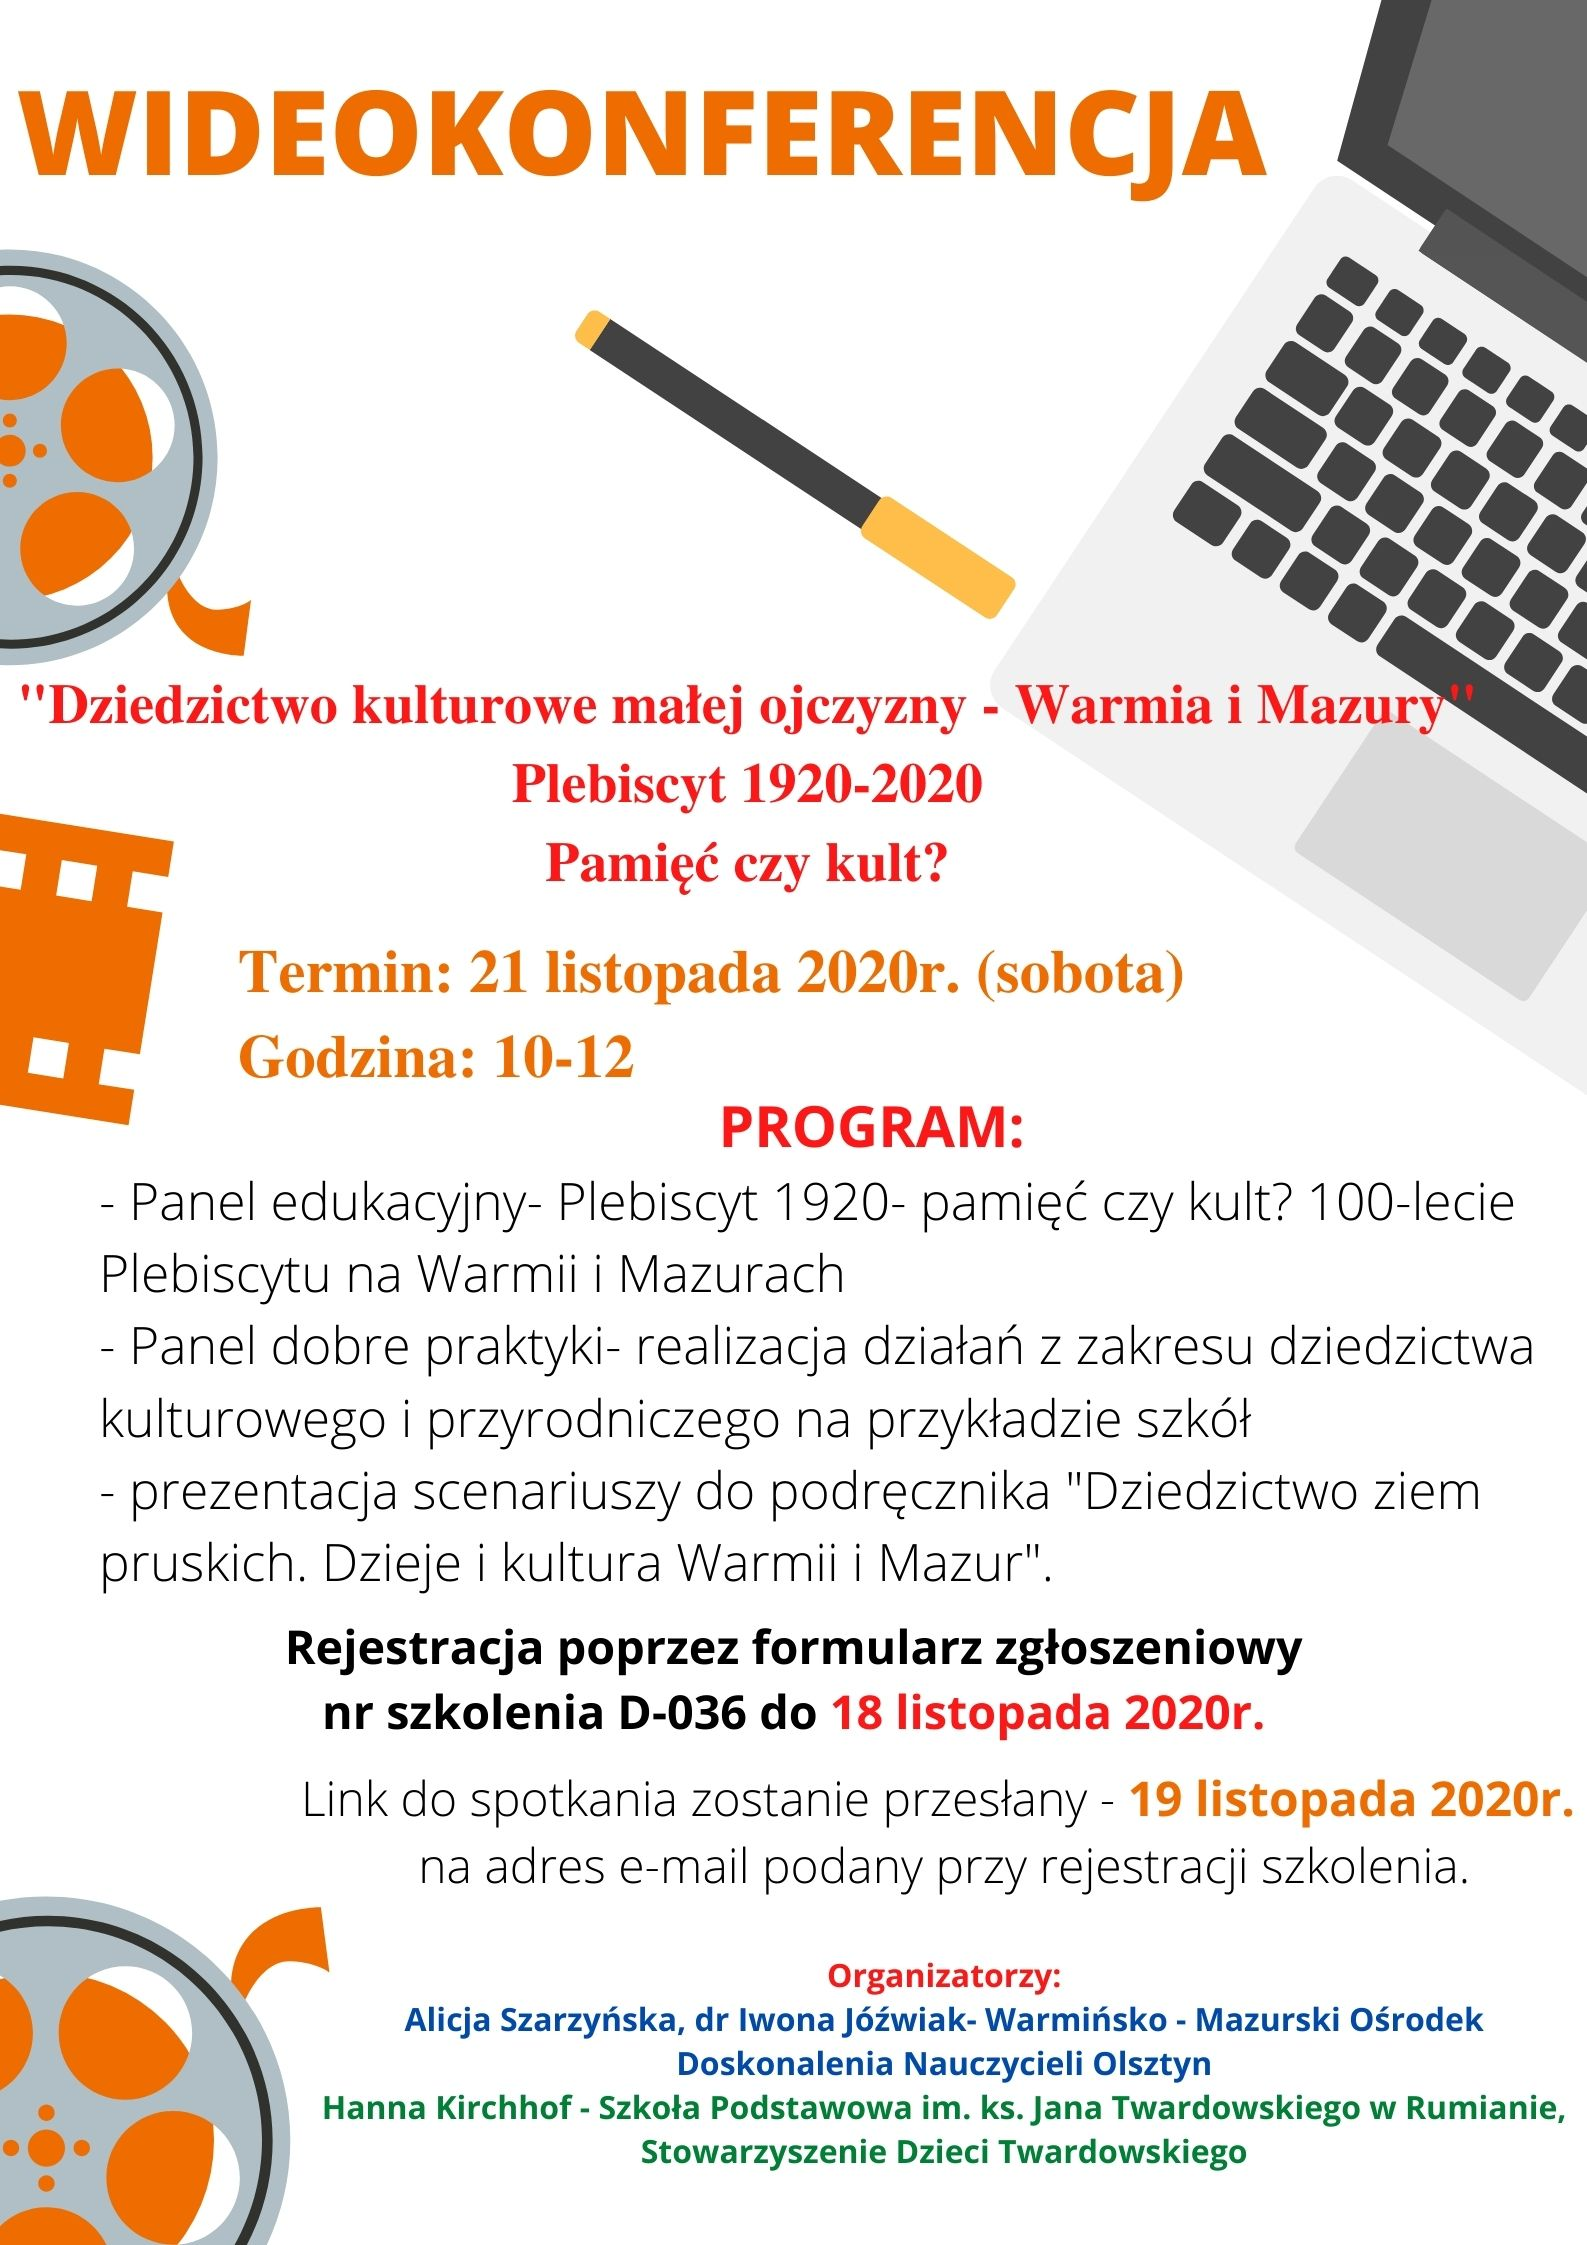 Zapraszamy do udziału w wideokonferencji